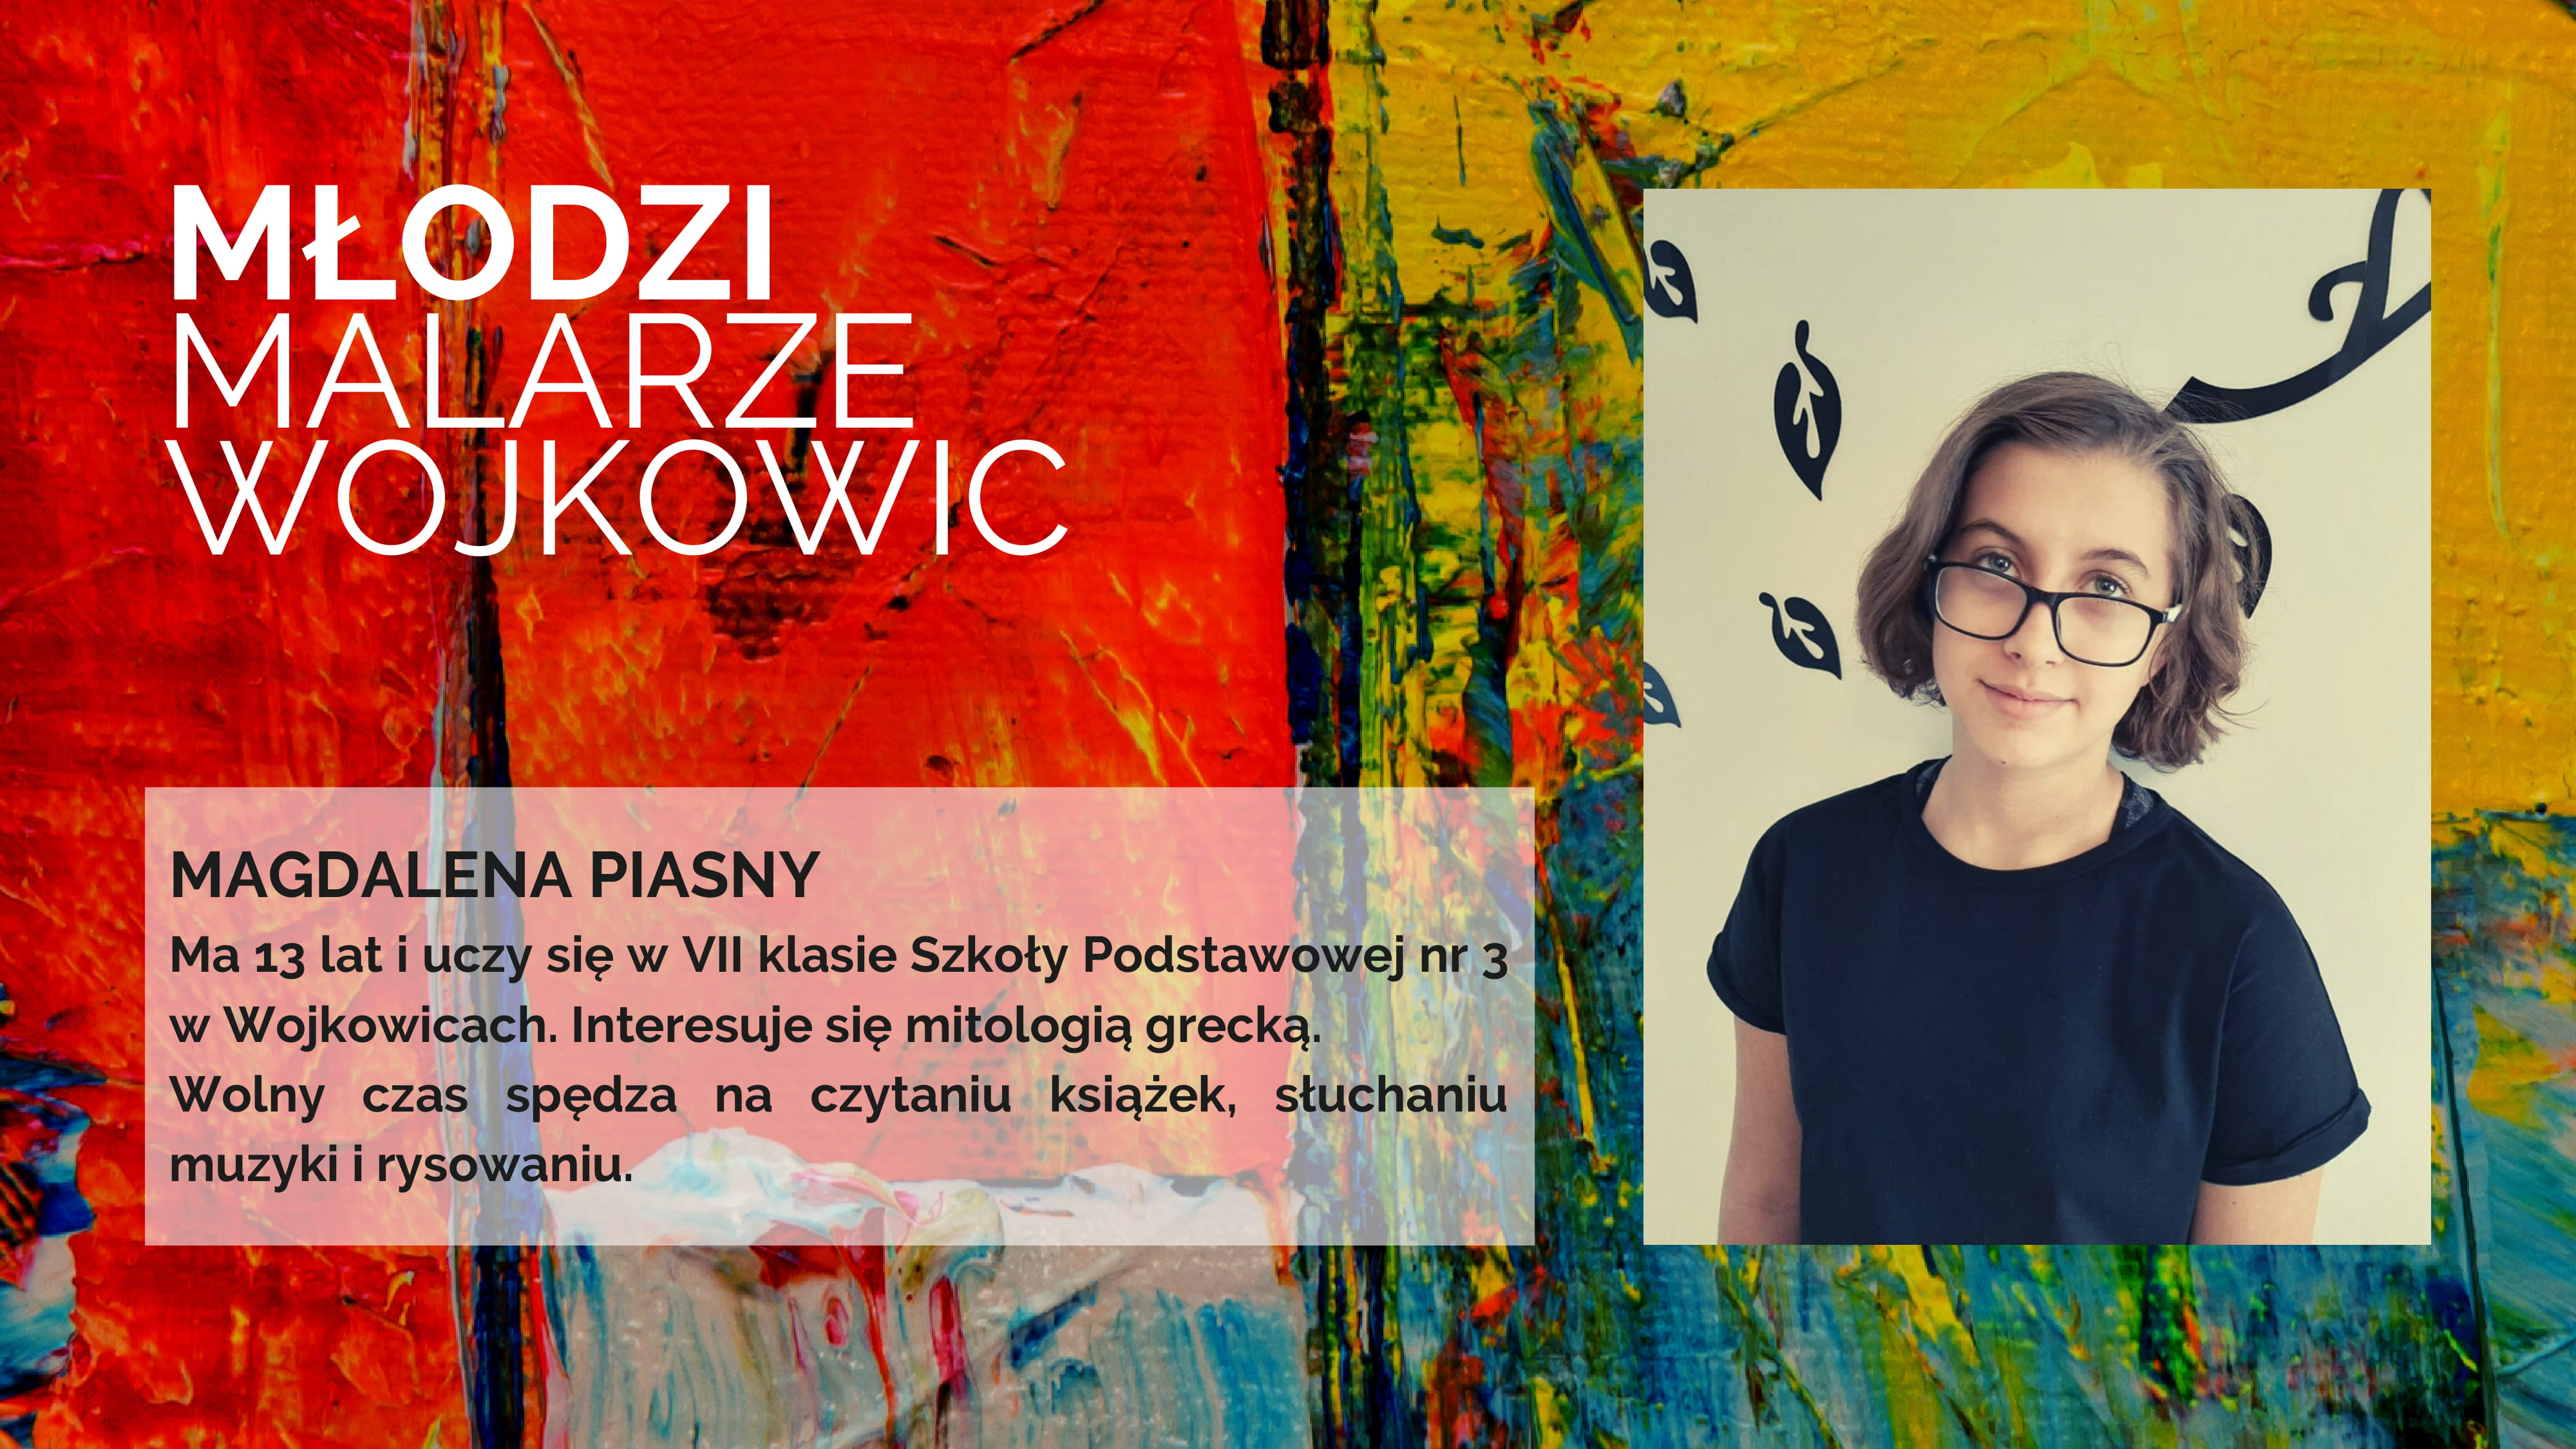 Grafika ze zdjęciem Magdaleny Piasny - w akcji Młodzi Malarze Wojkowic